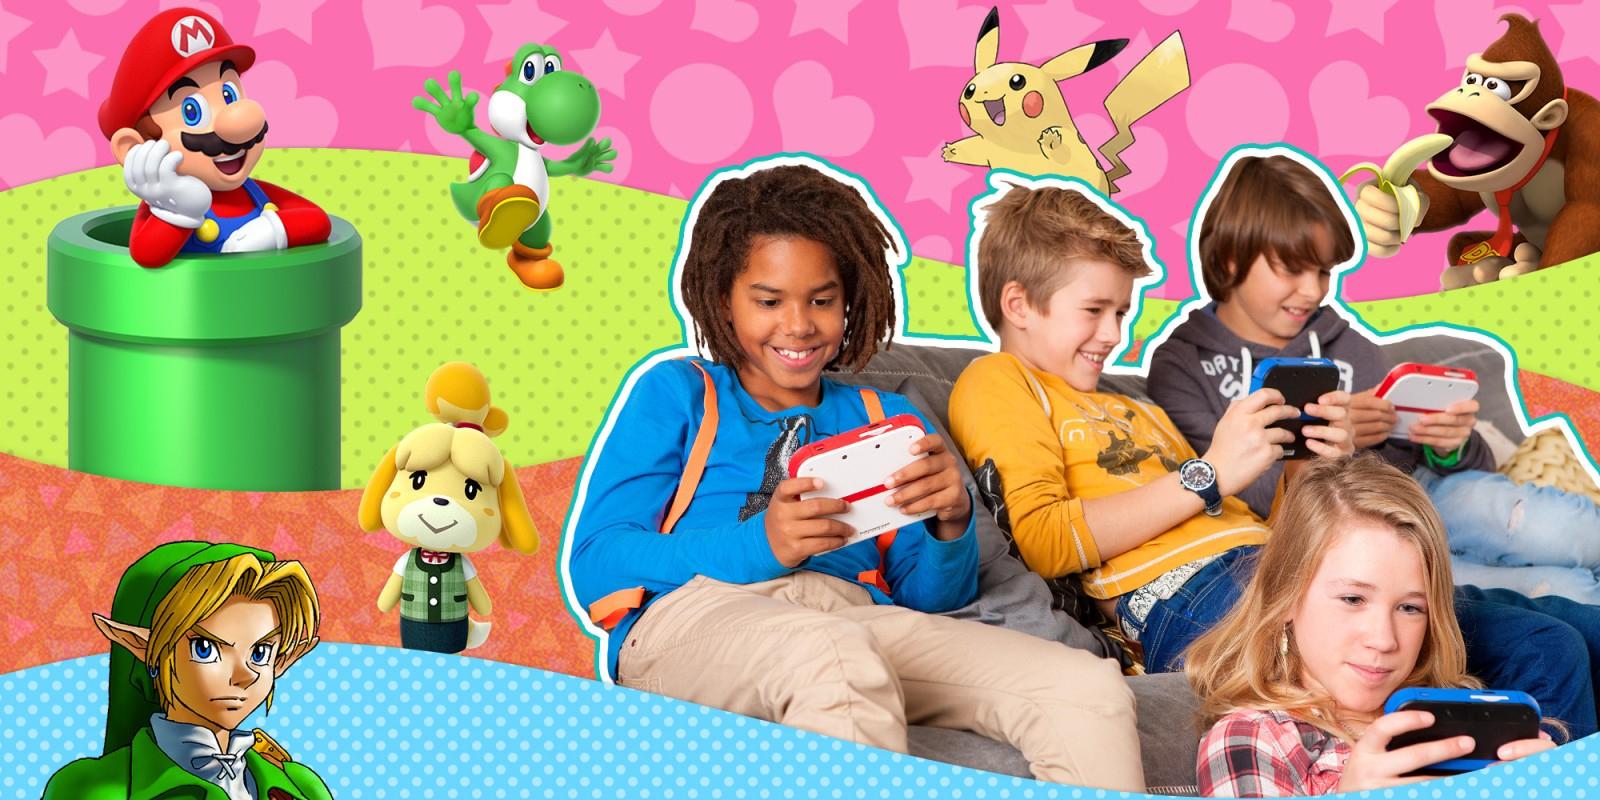 Jeux Nintendo Pour Les Enfants | Nintendo dedans Telecharger Jeux Gratuit Fille